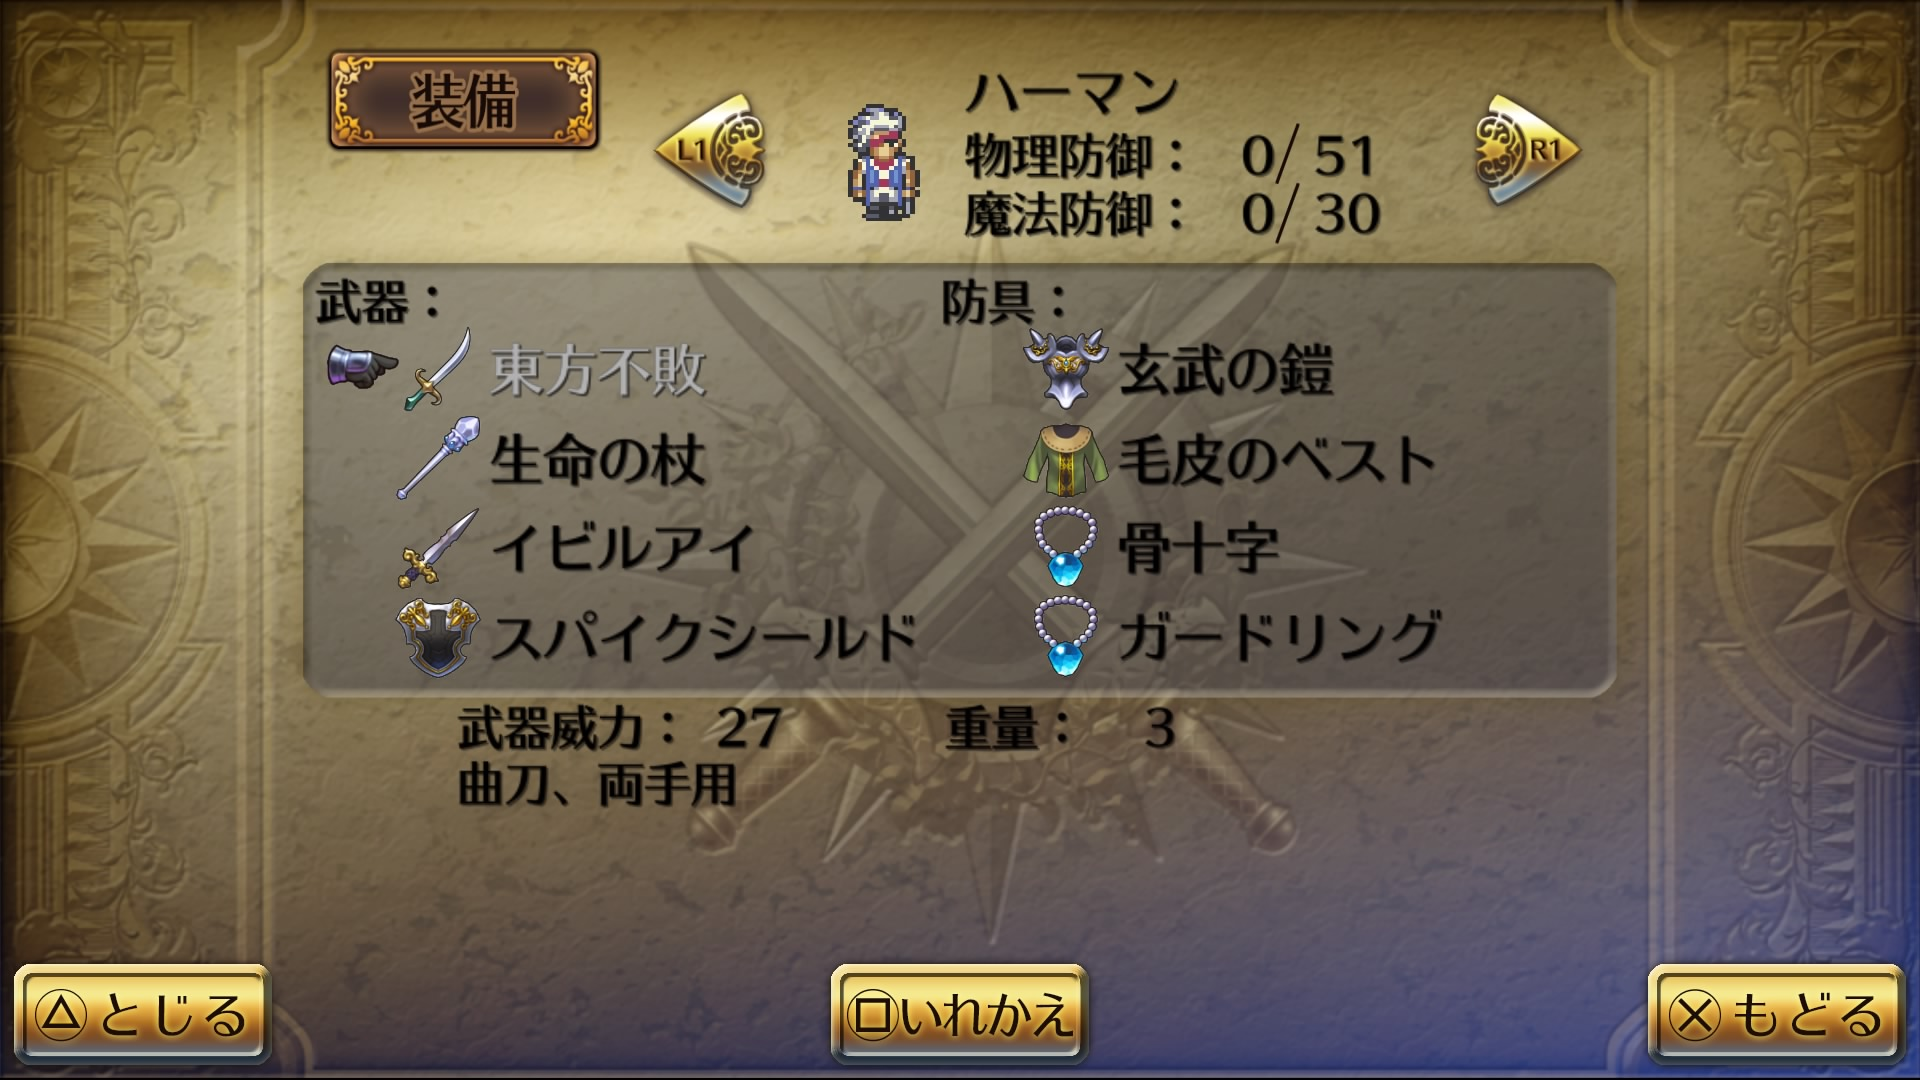 ロマサガ3「四魔貴族フォルネウス」対策 「玄武の鎧」を装備